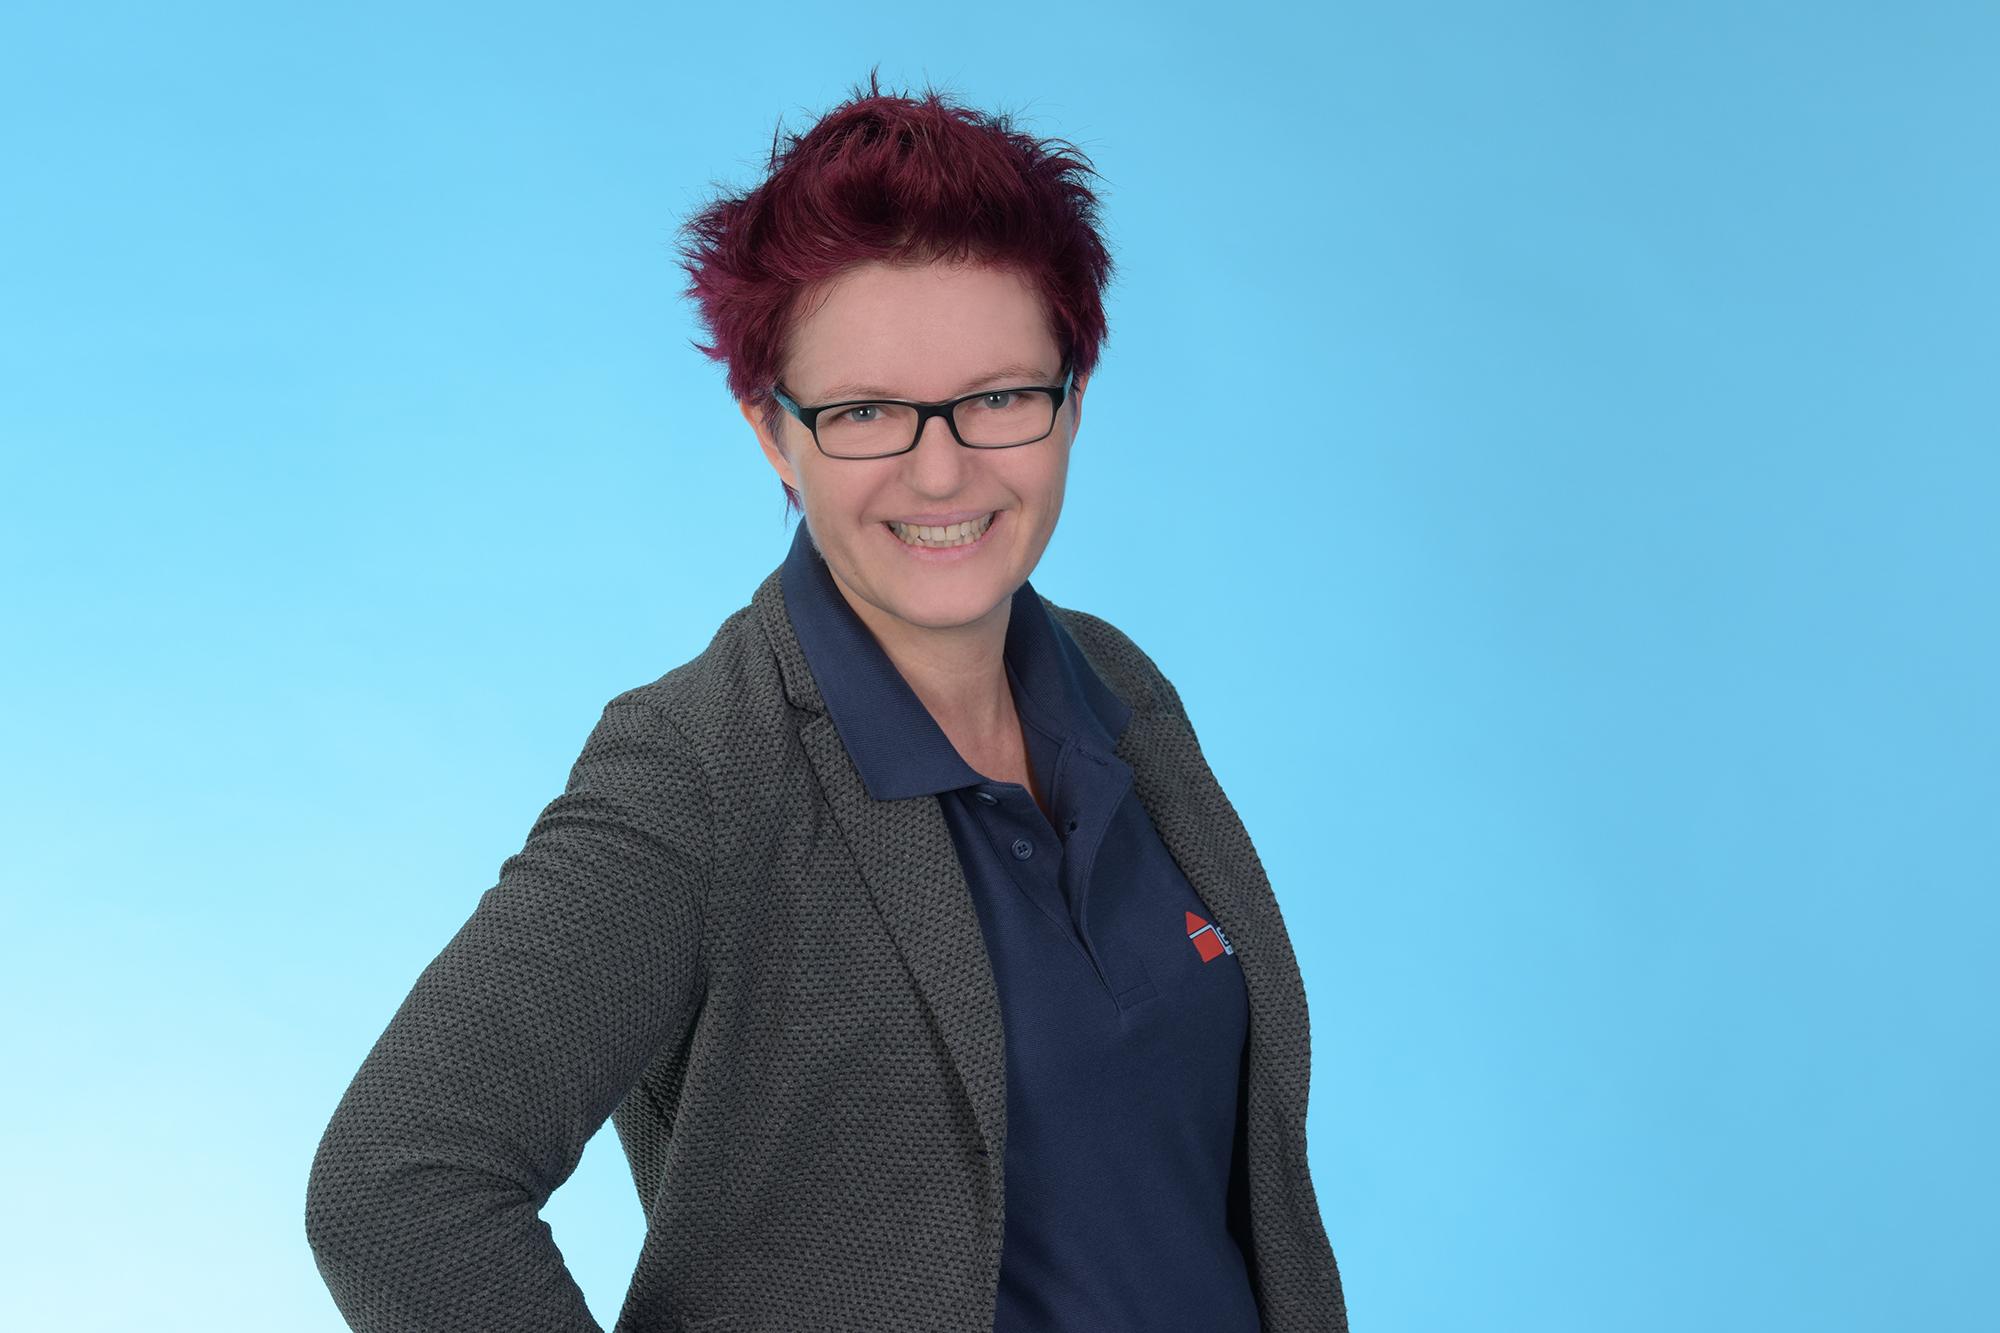 Claudia Lehrner